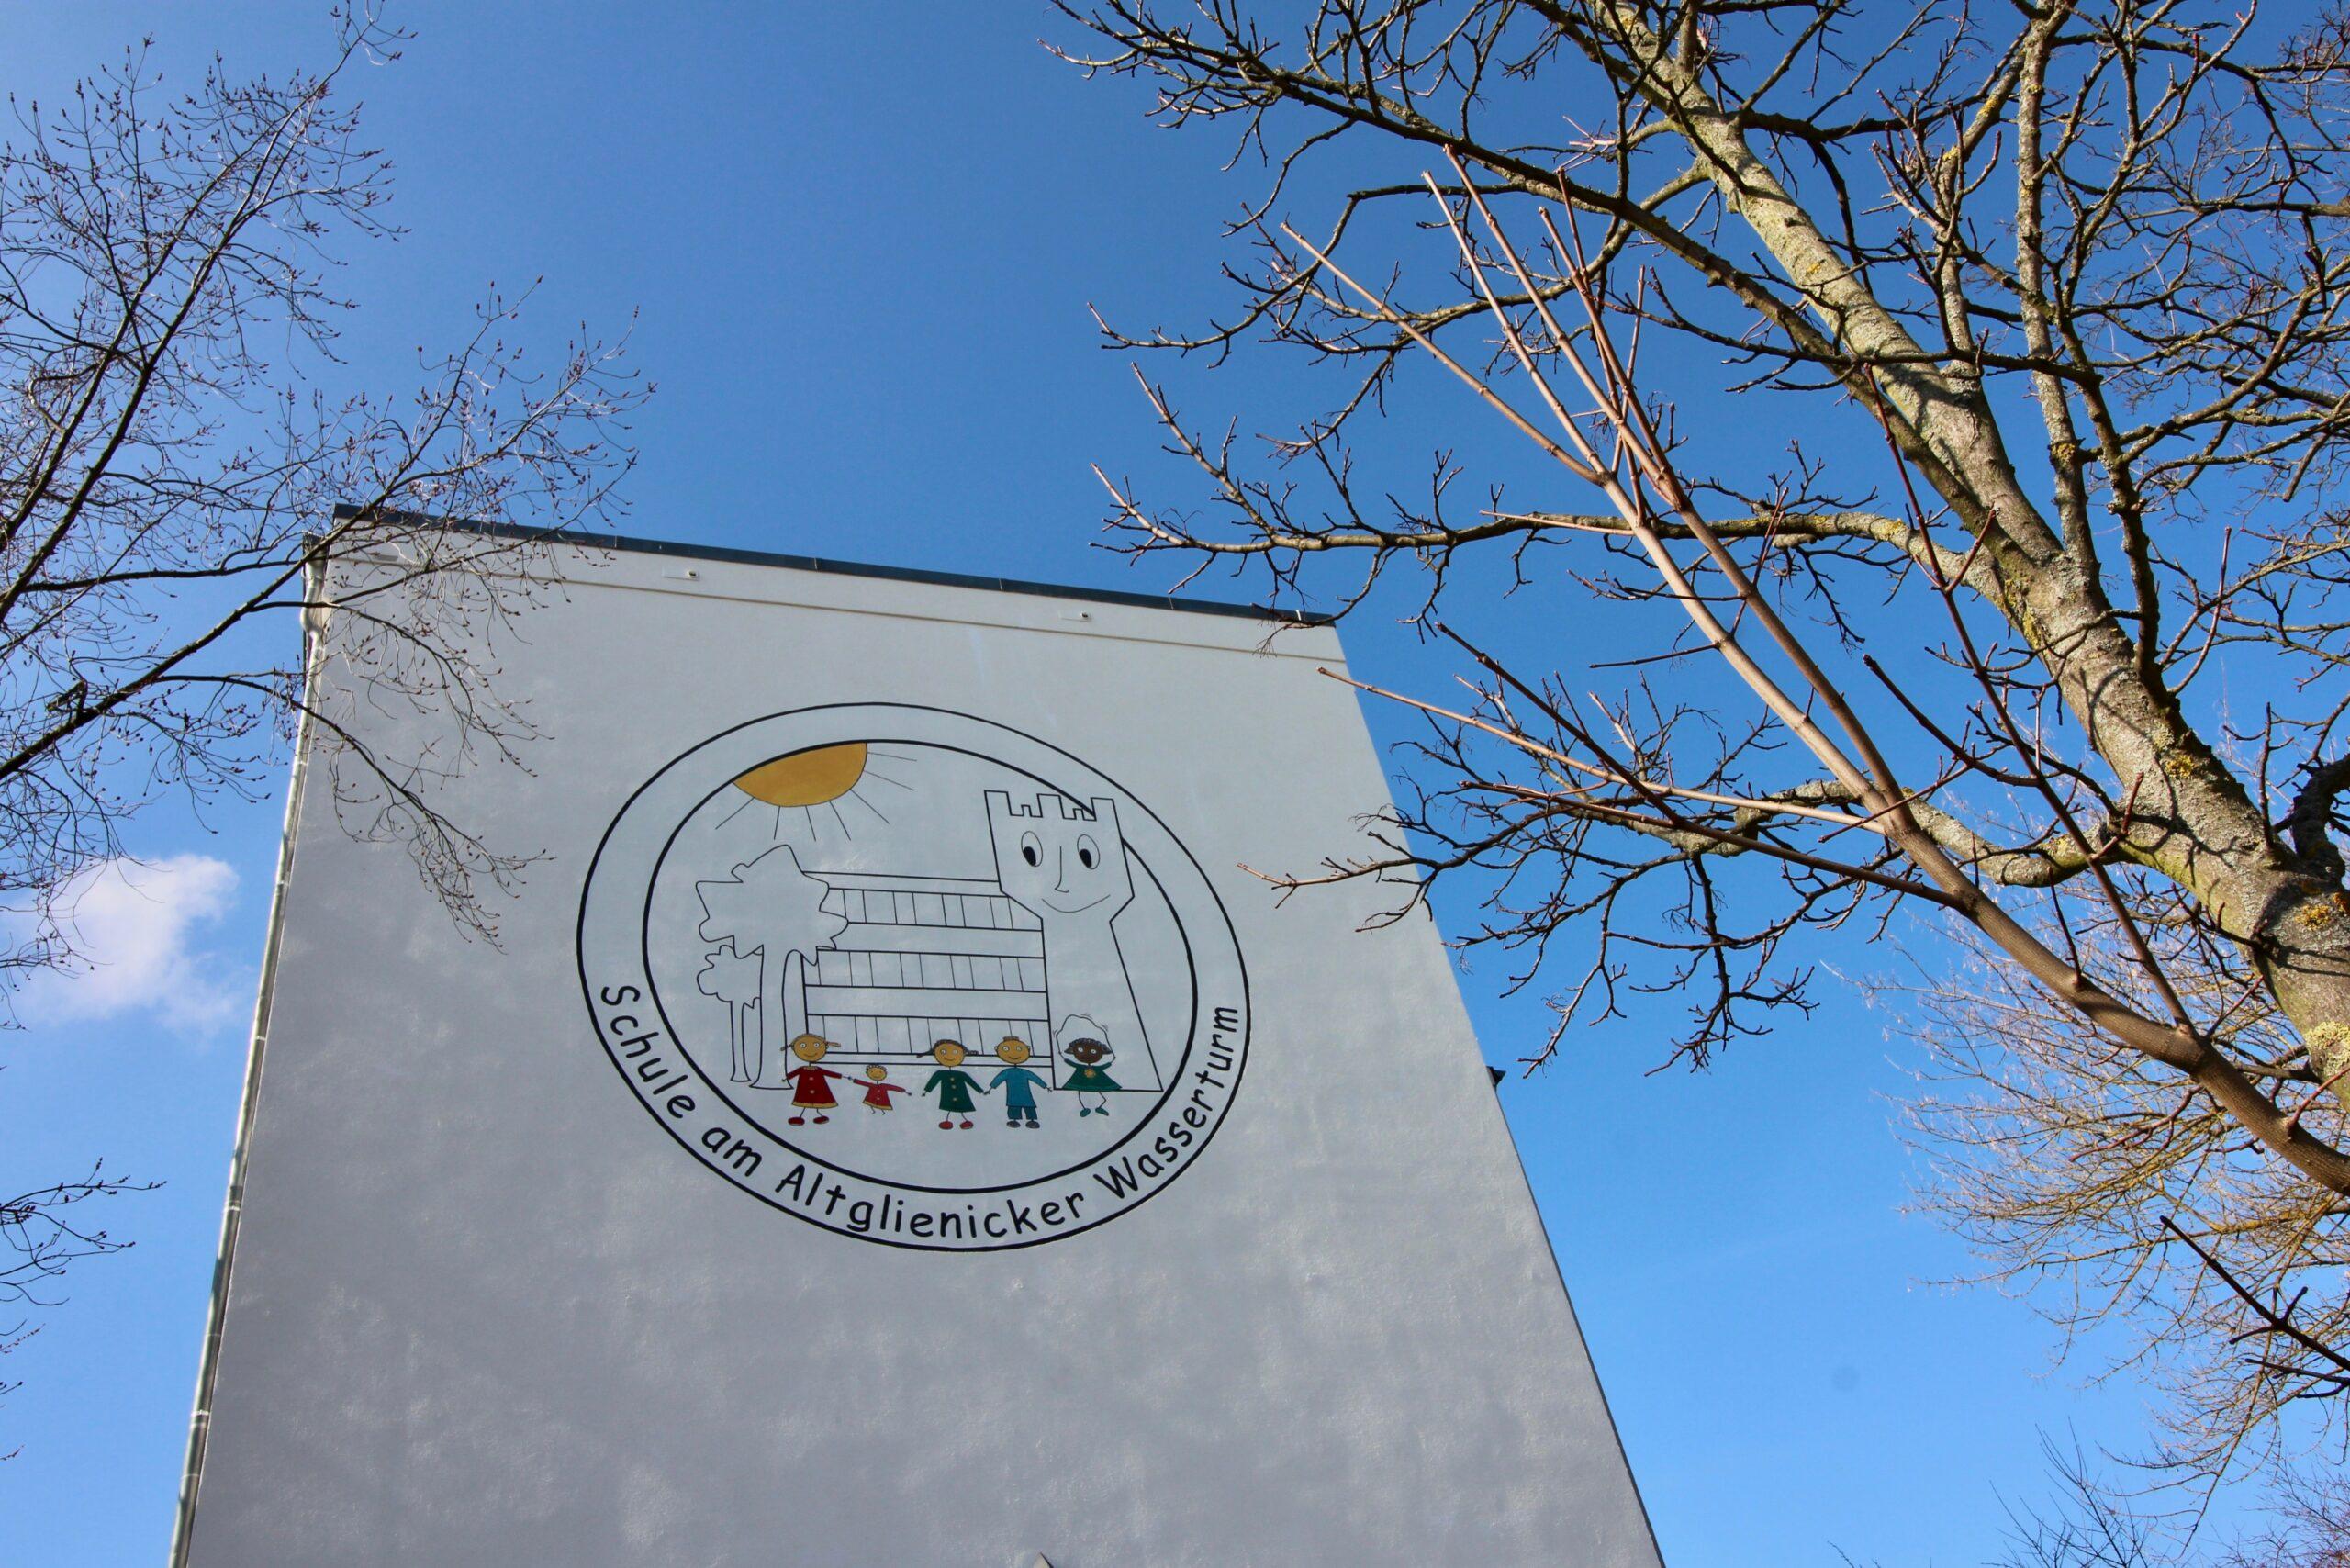 Altglienicker Schule